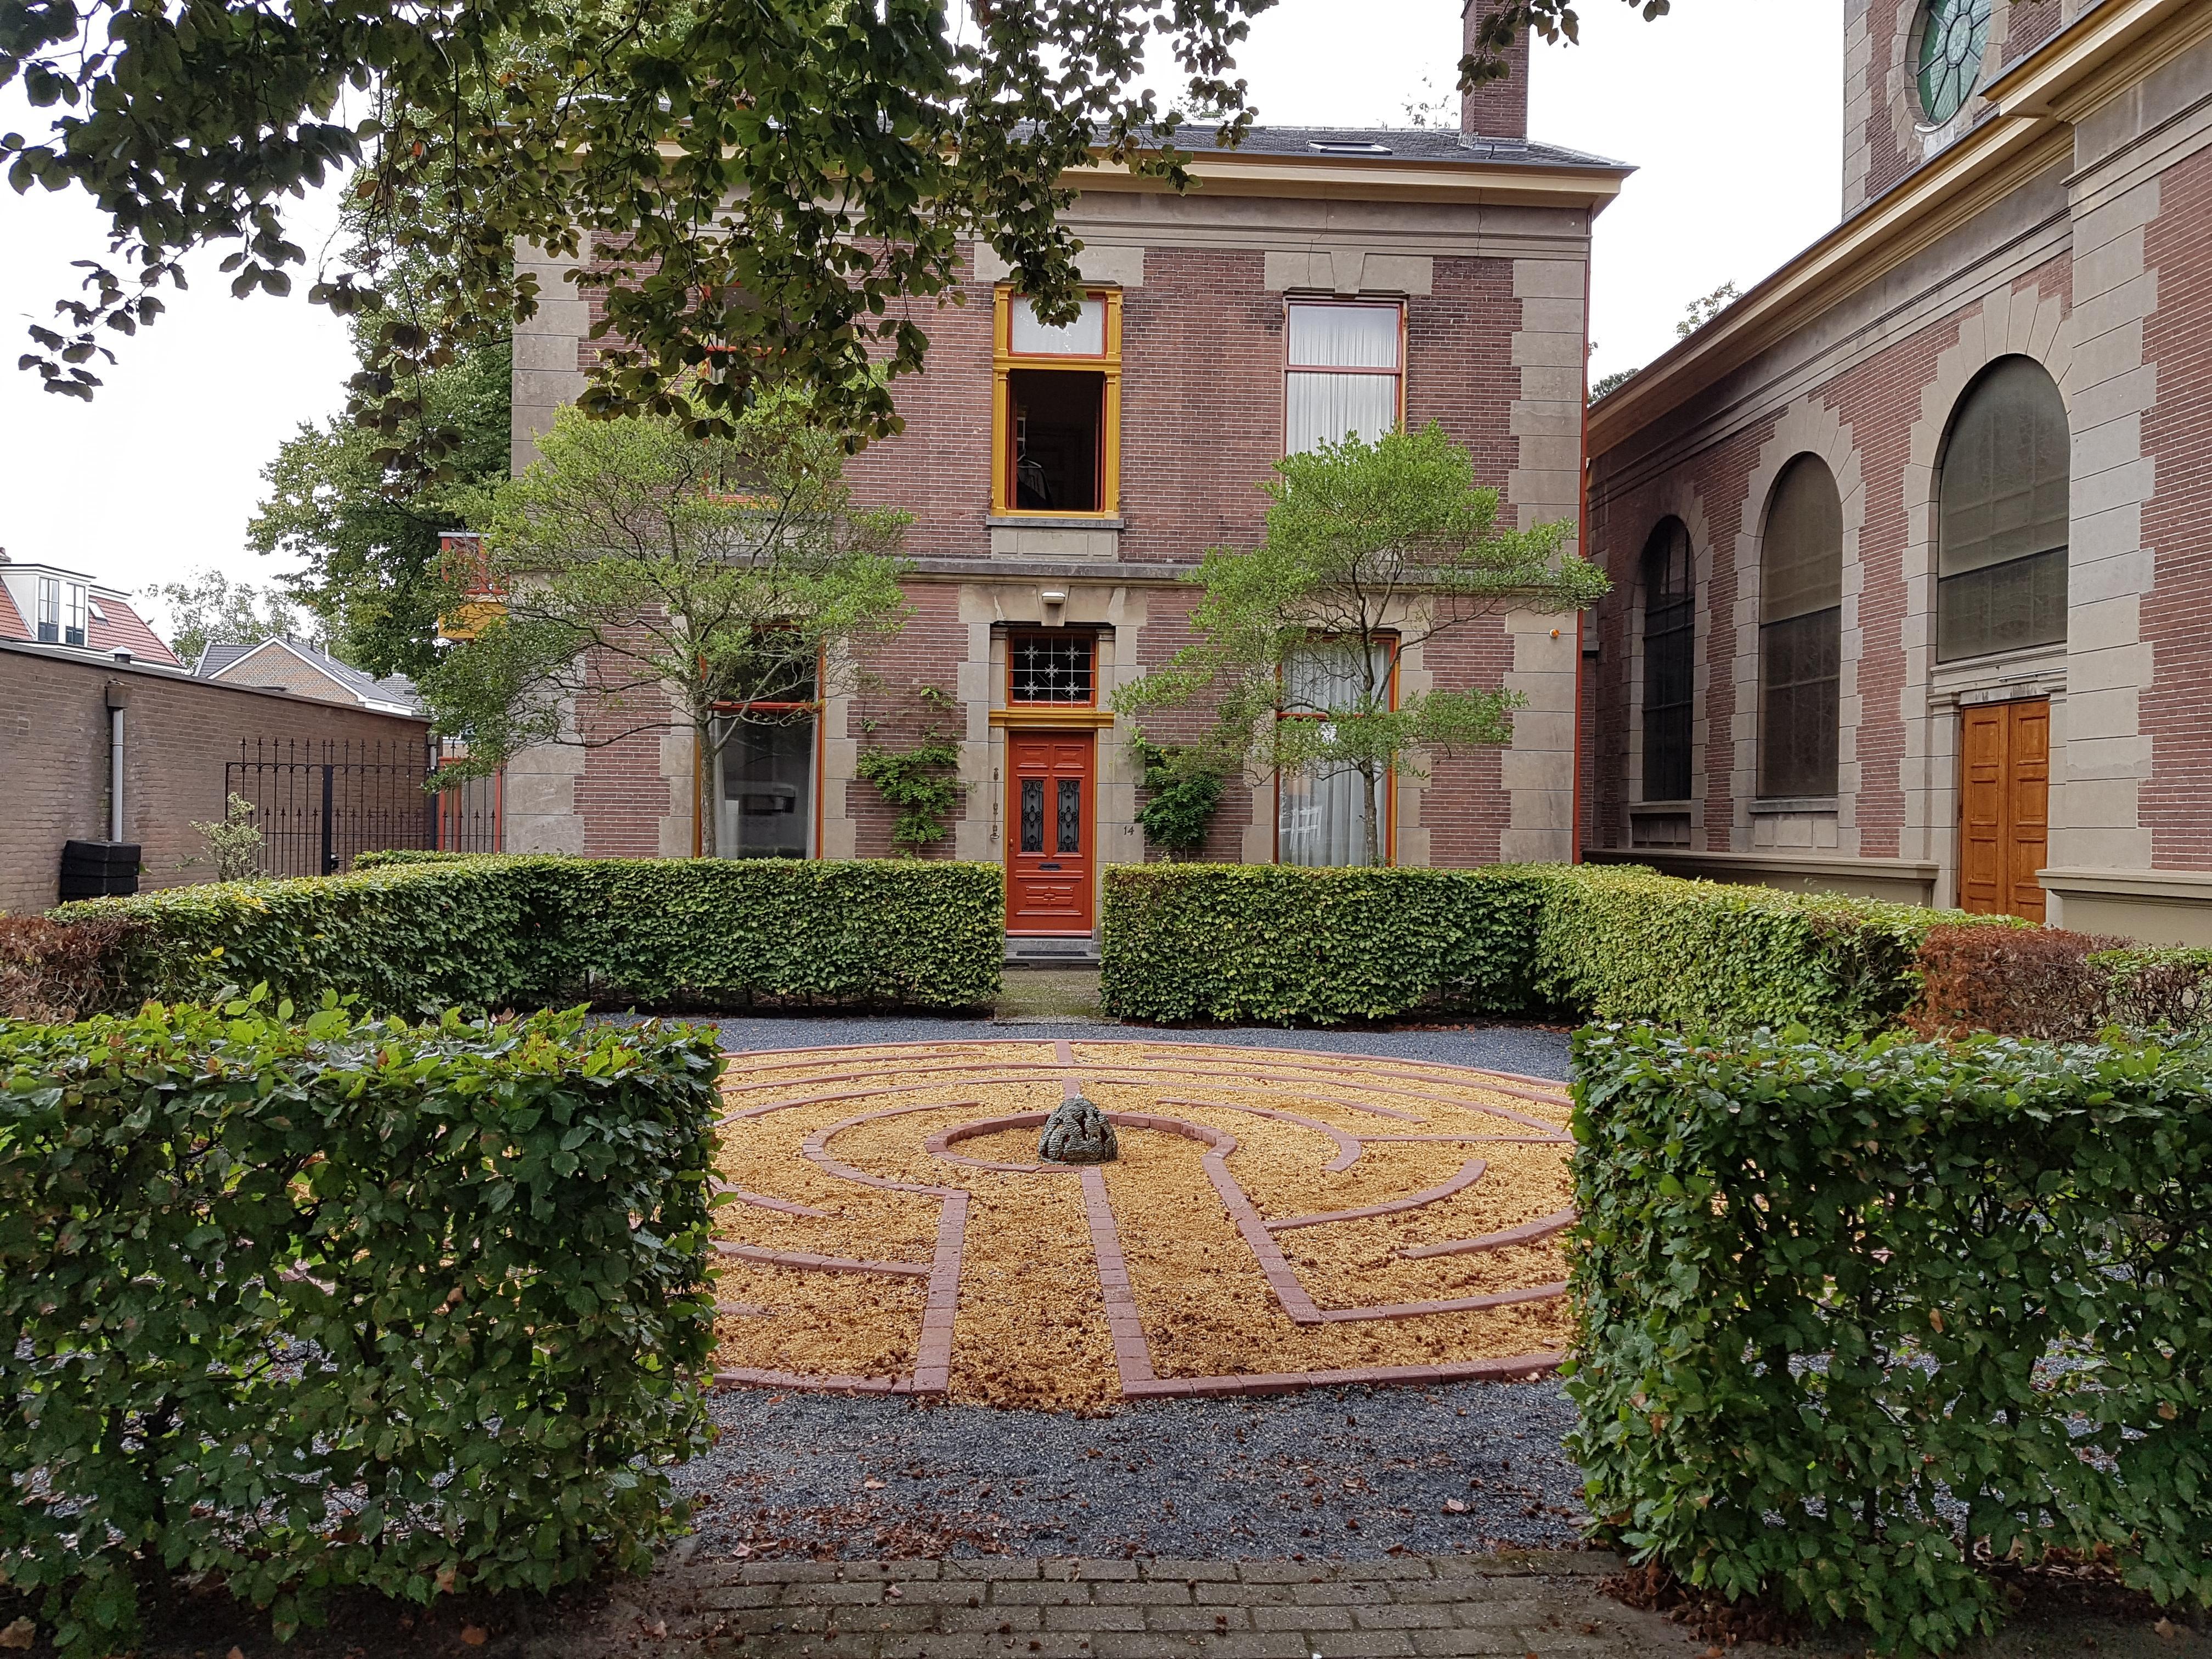 Een labyrint in de voortuin? de oud-katholieke kerk aan het Melkpad in Hilversum heeft er eentje